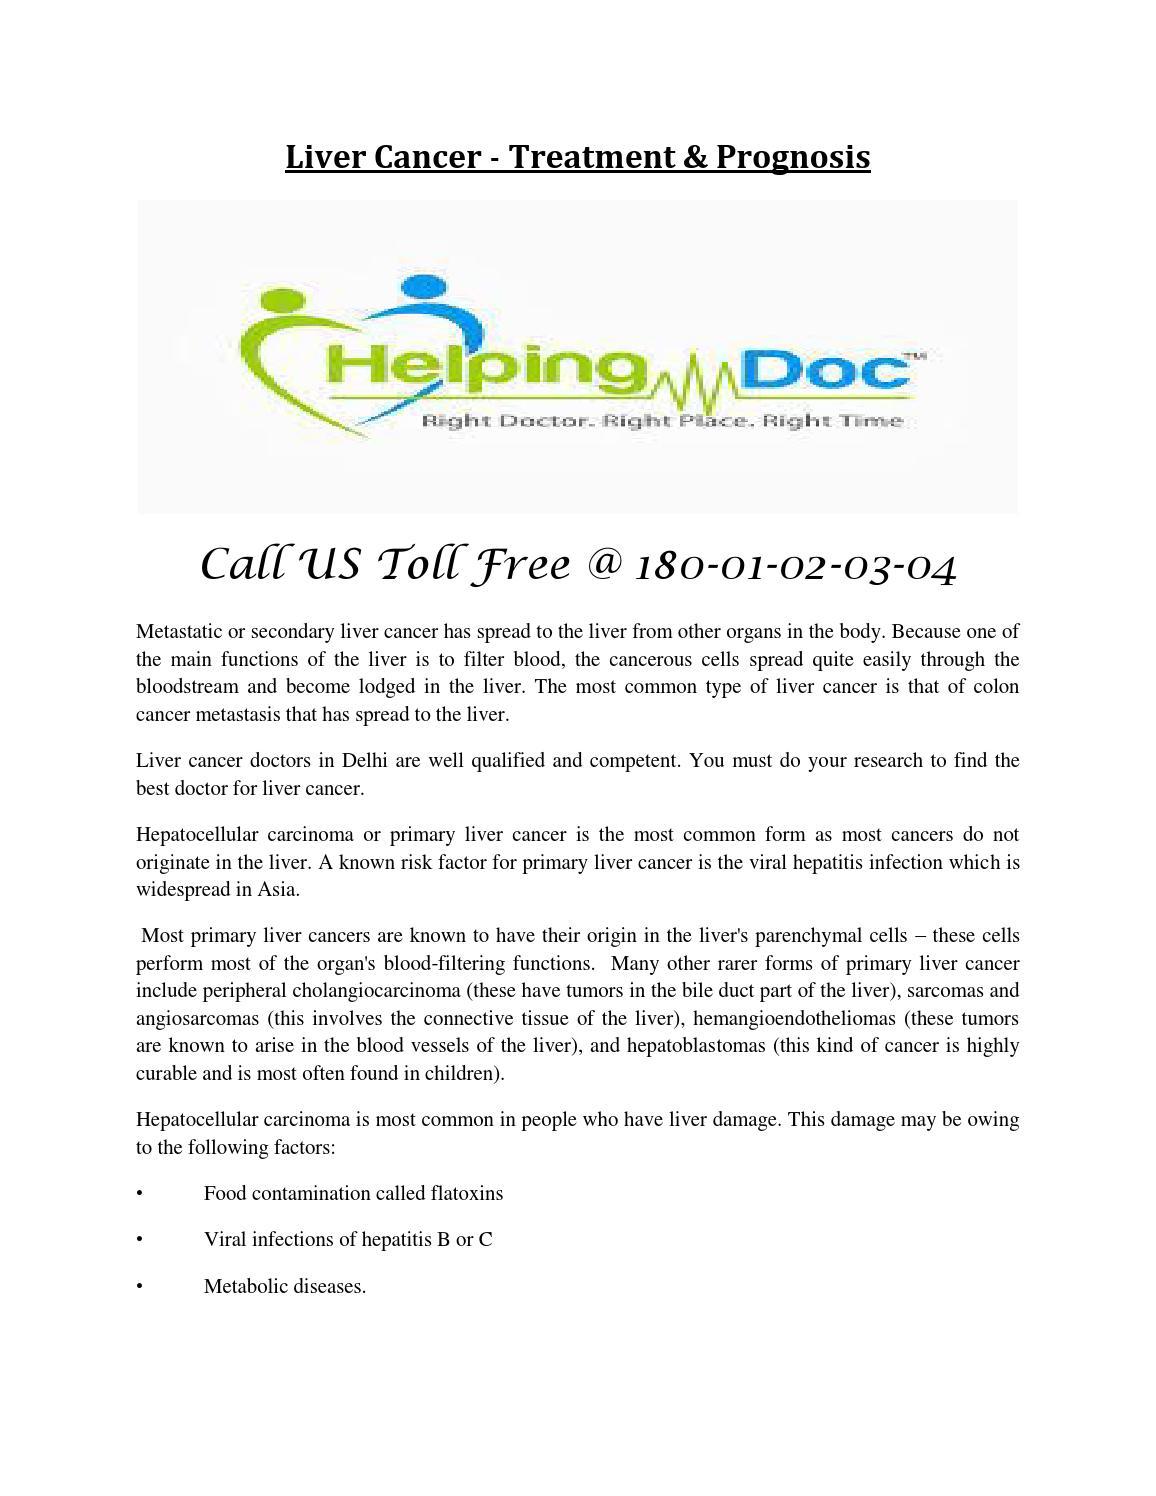 Helpingdoc Liver Cancer Treatment Prognosis By Helpingdoc Issuu